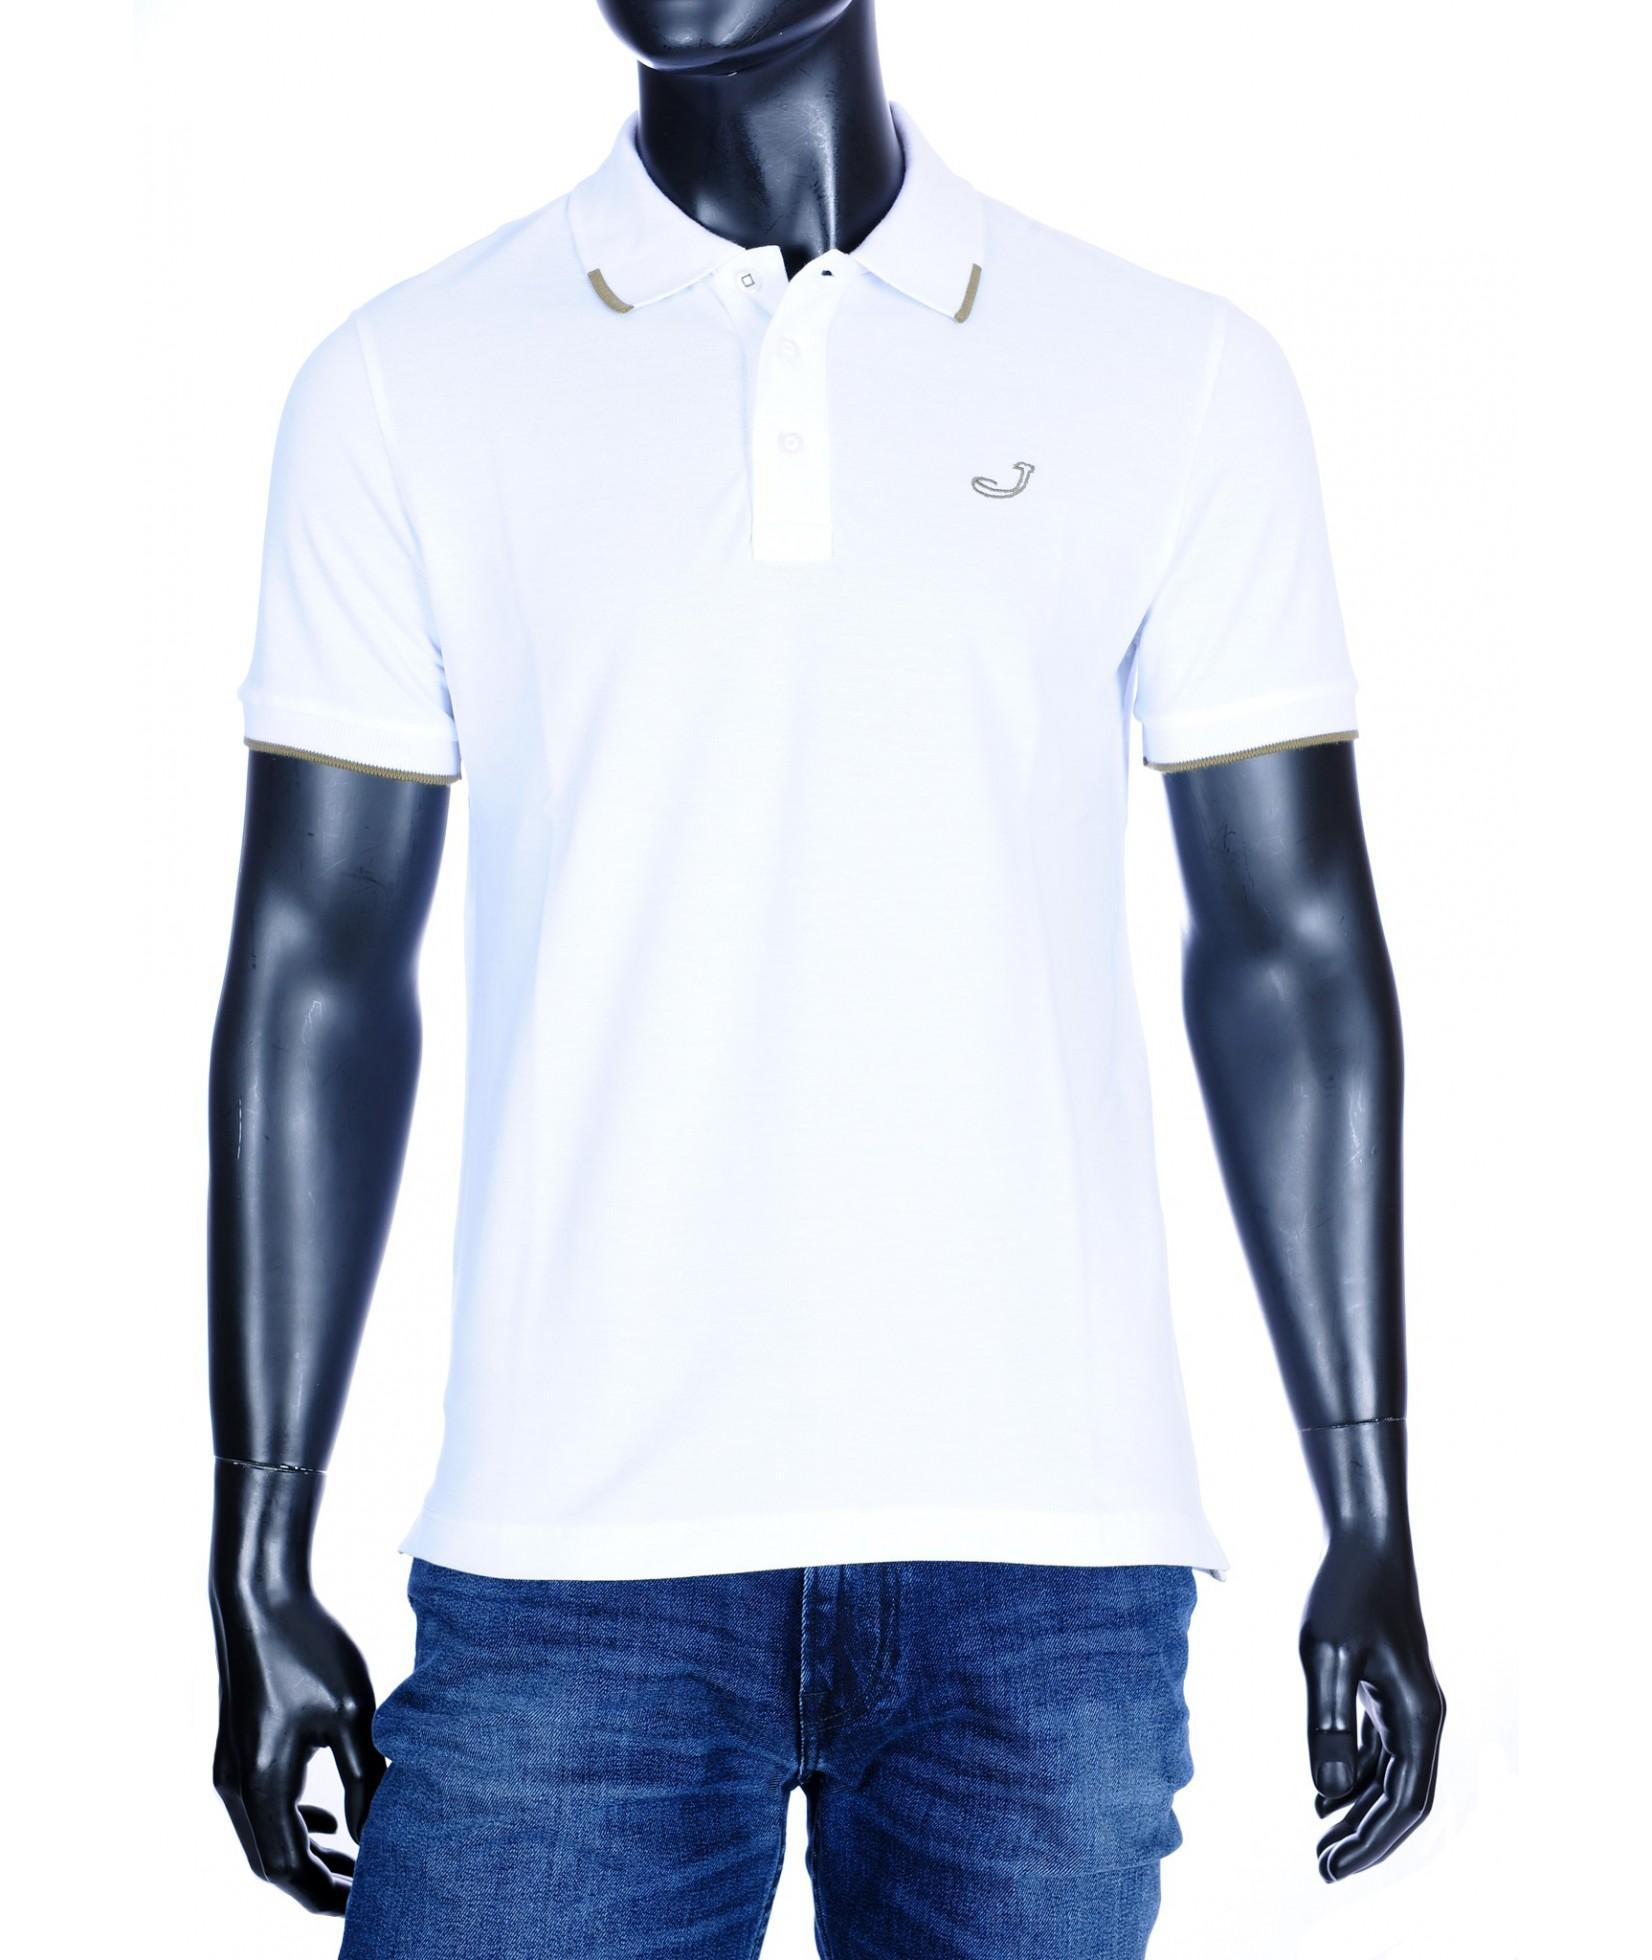 Jacob Cohën Polo shirt wit (34367)